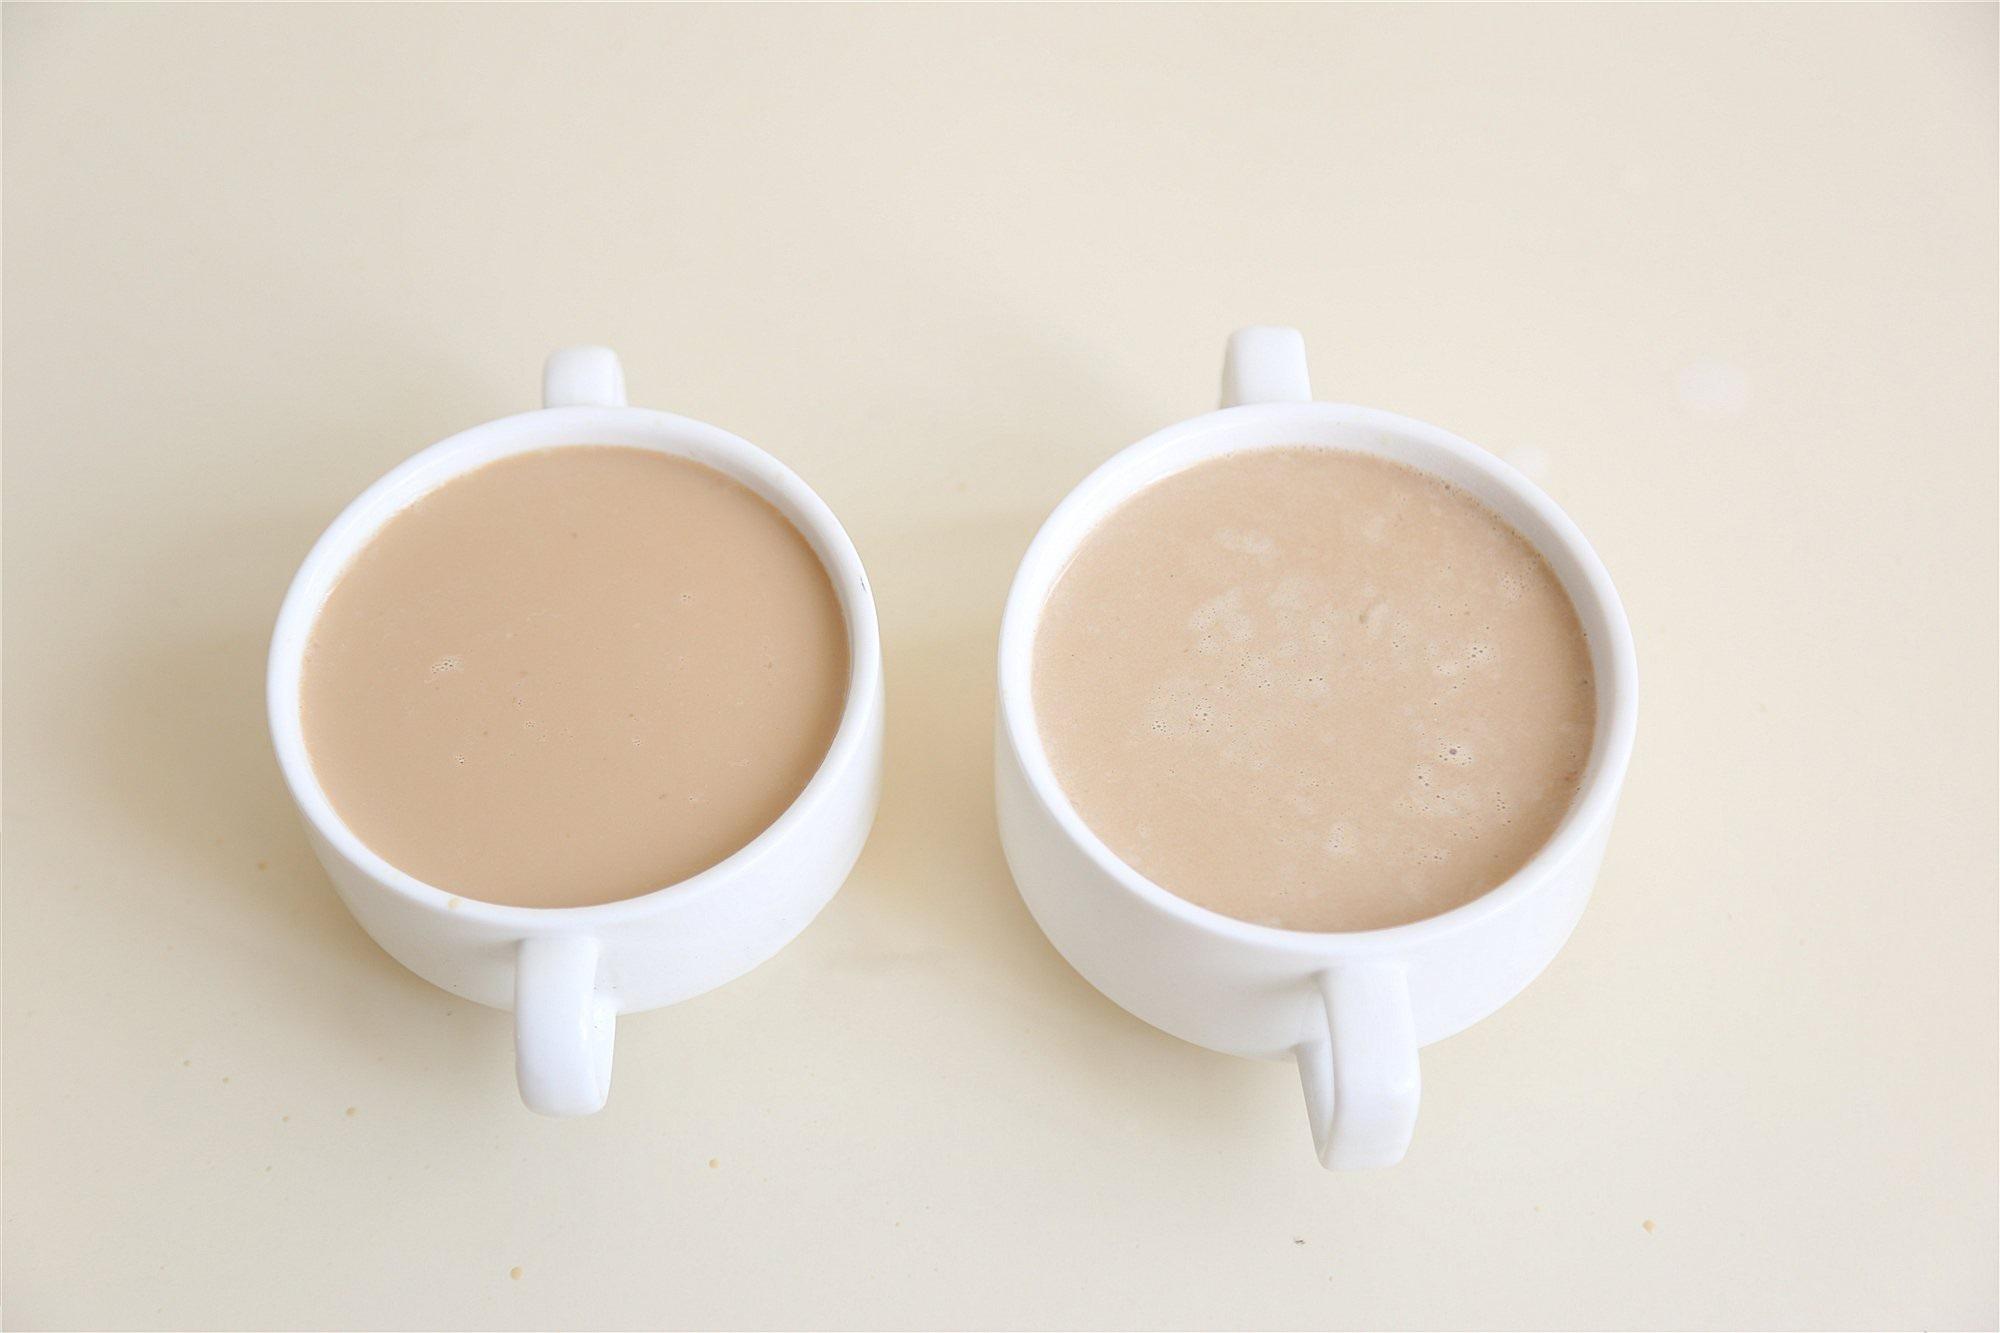 Thời tiết thay đổi cũng chẳng lo cảm cúm, chỉ cần mỗi sáng có ly sữa 'đặc biệt' này thôi! - Ảnh 4